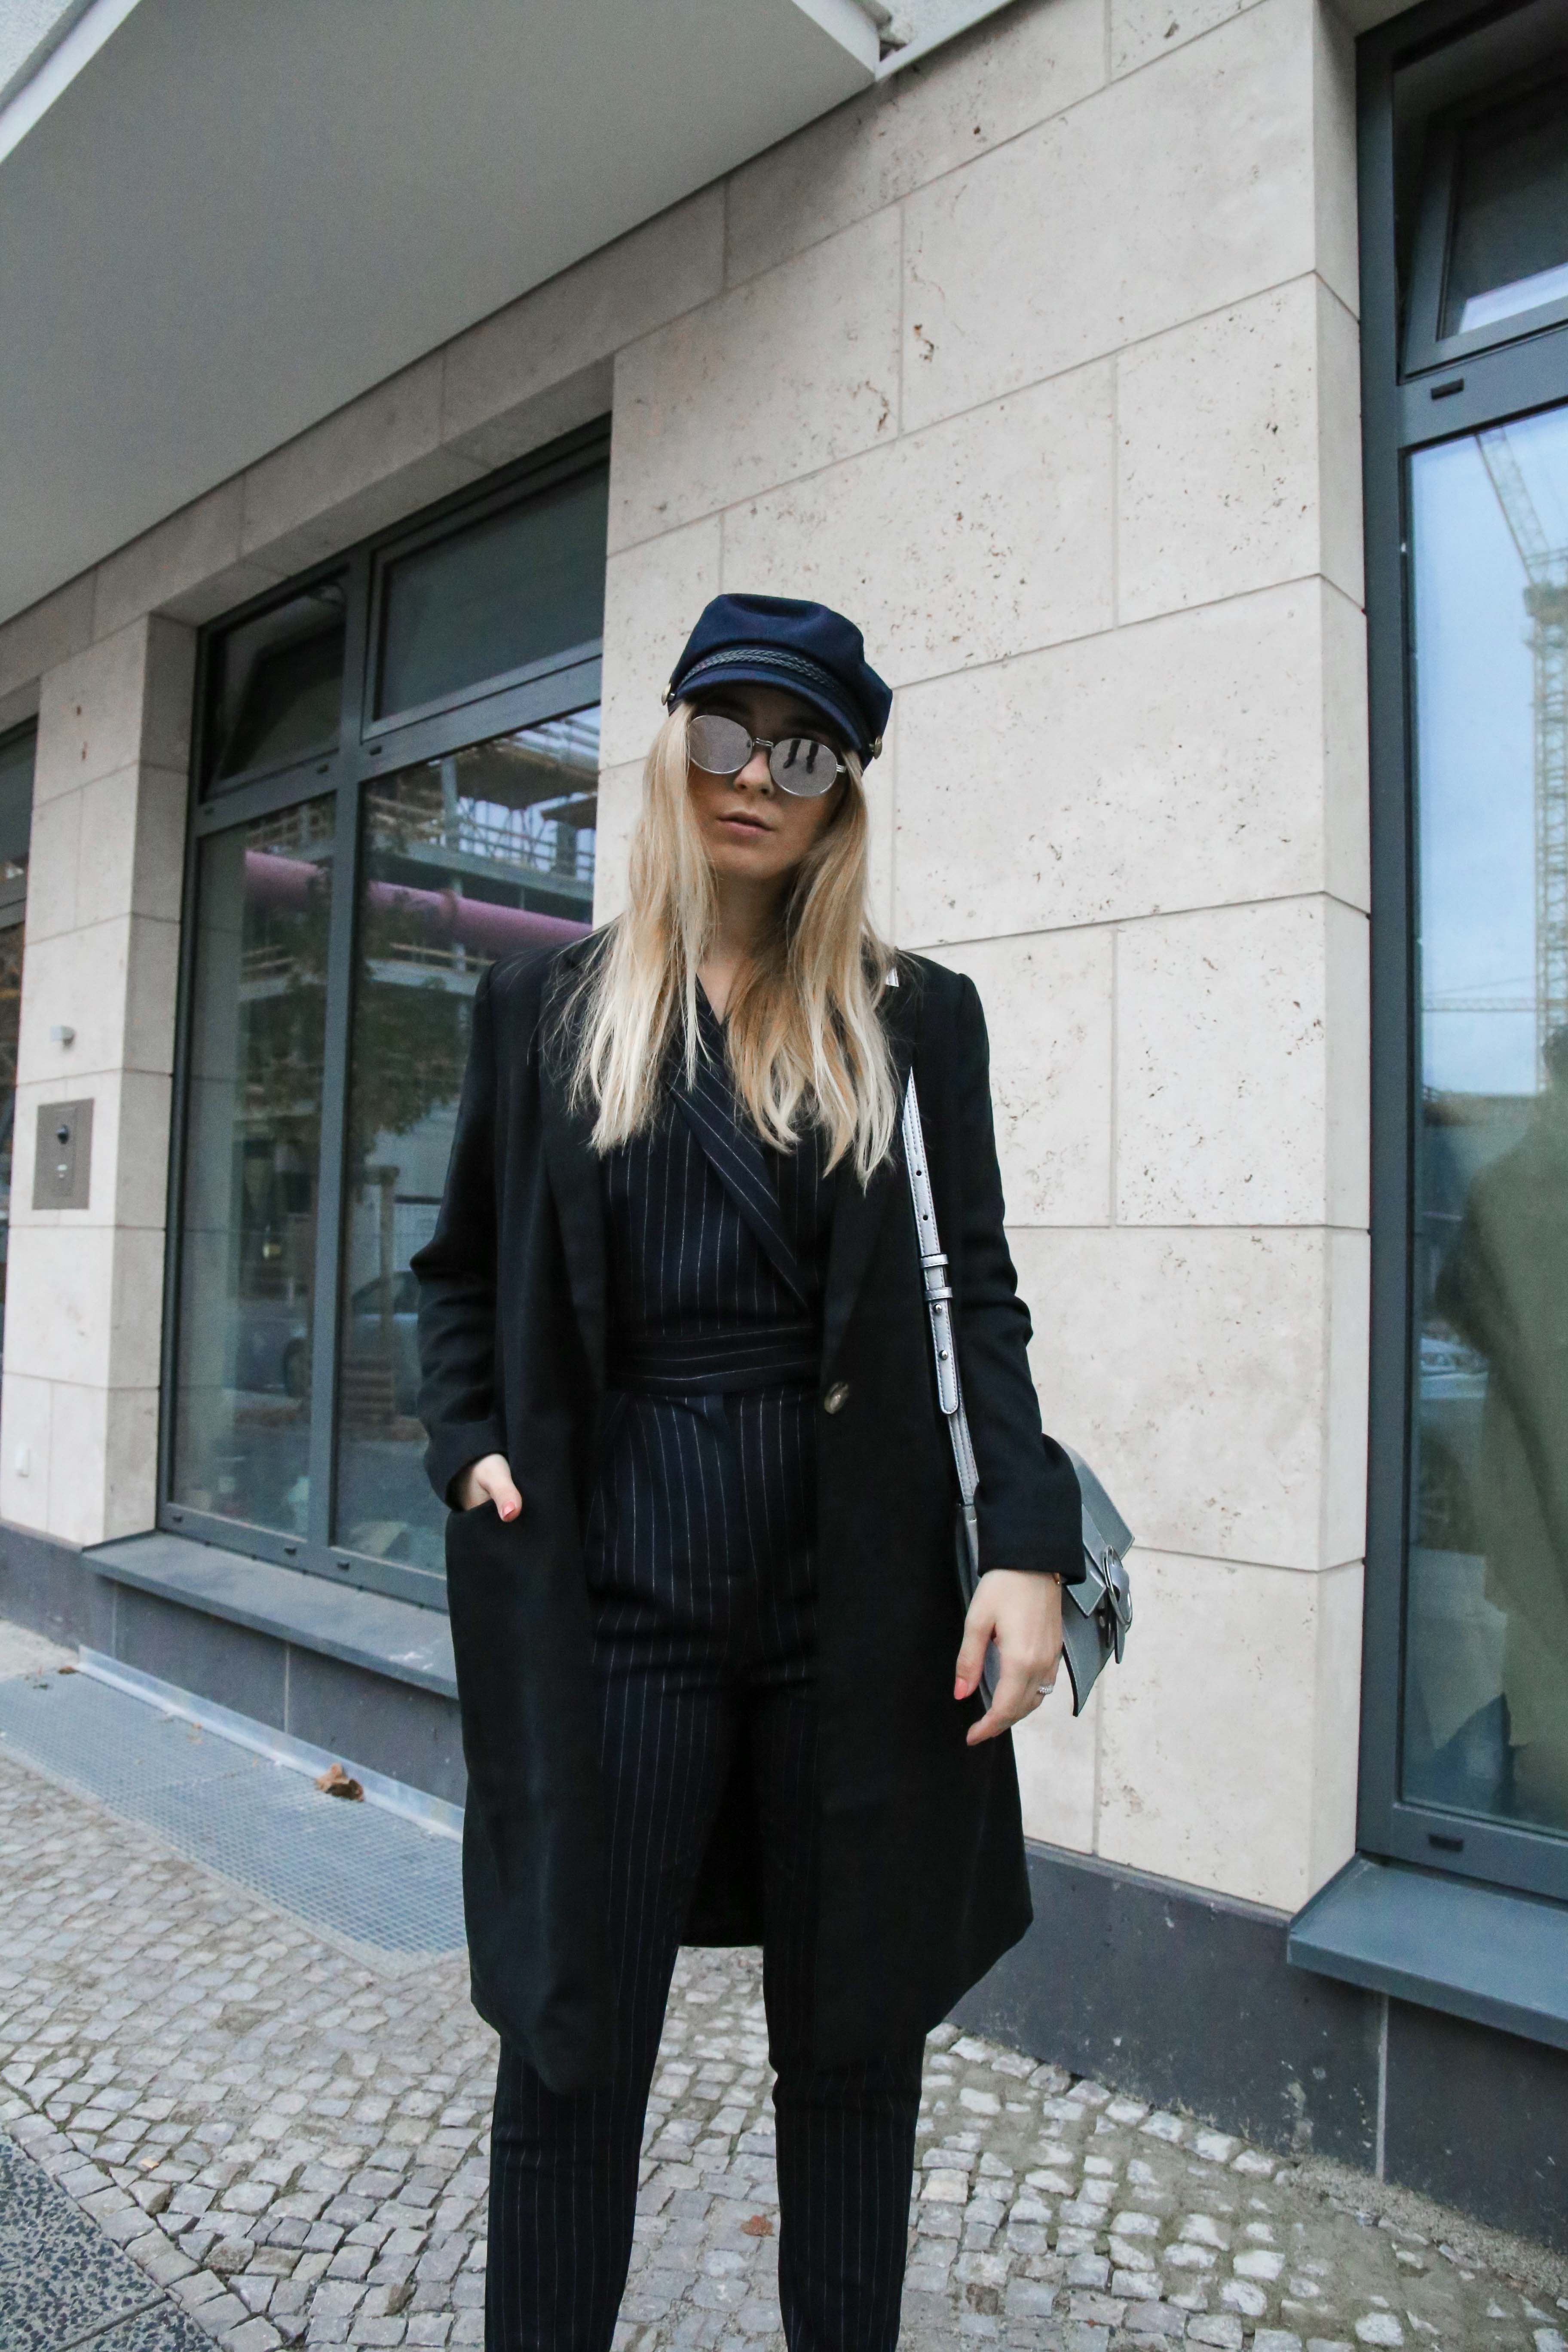 baskenmütze-overall-silber-umhängetasche-jumpsuit-outfit-blogger-berlin_1865